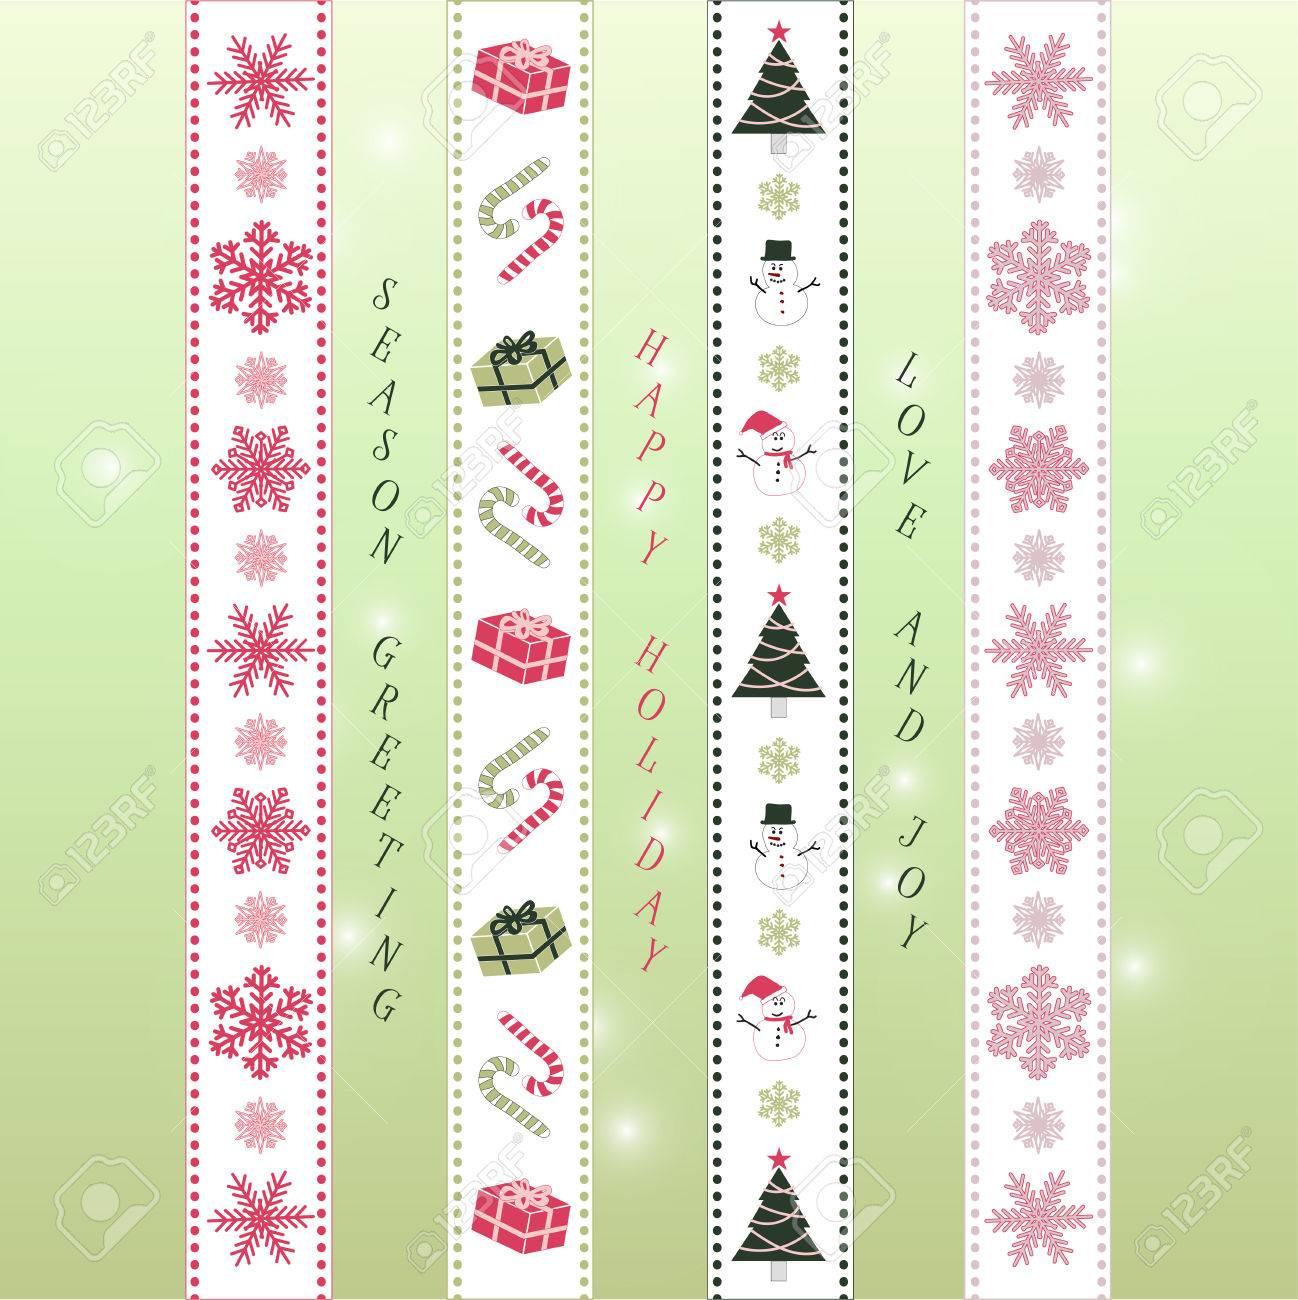 Frohe Weihnachten Band Washi Band Scrapbook Elemente In Rosa, Grün ...